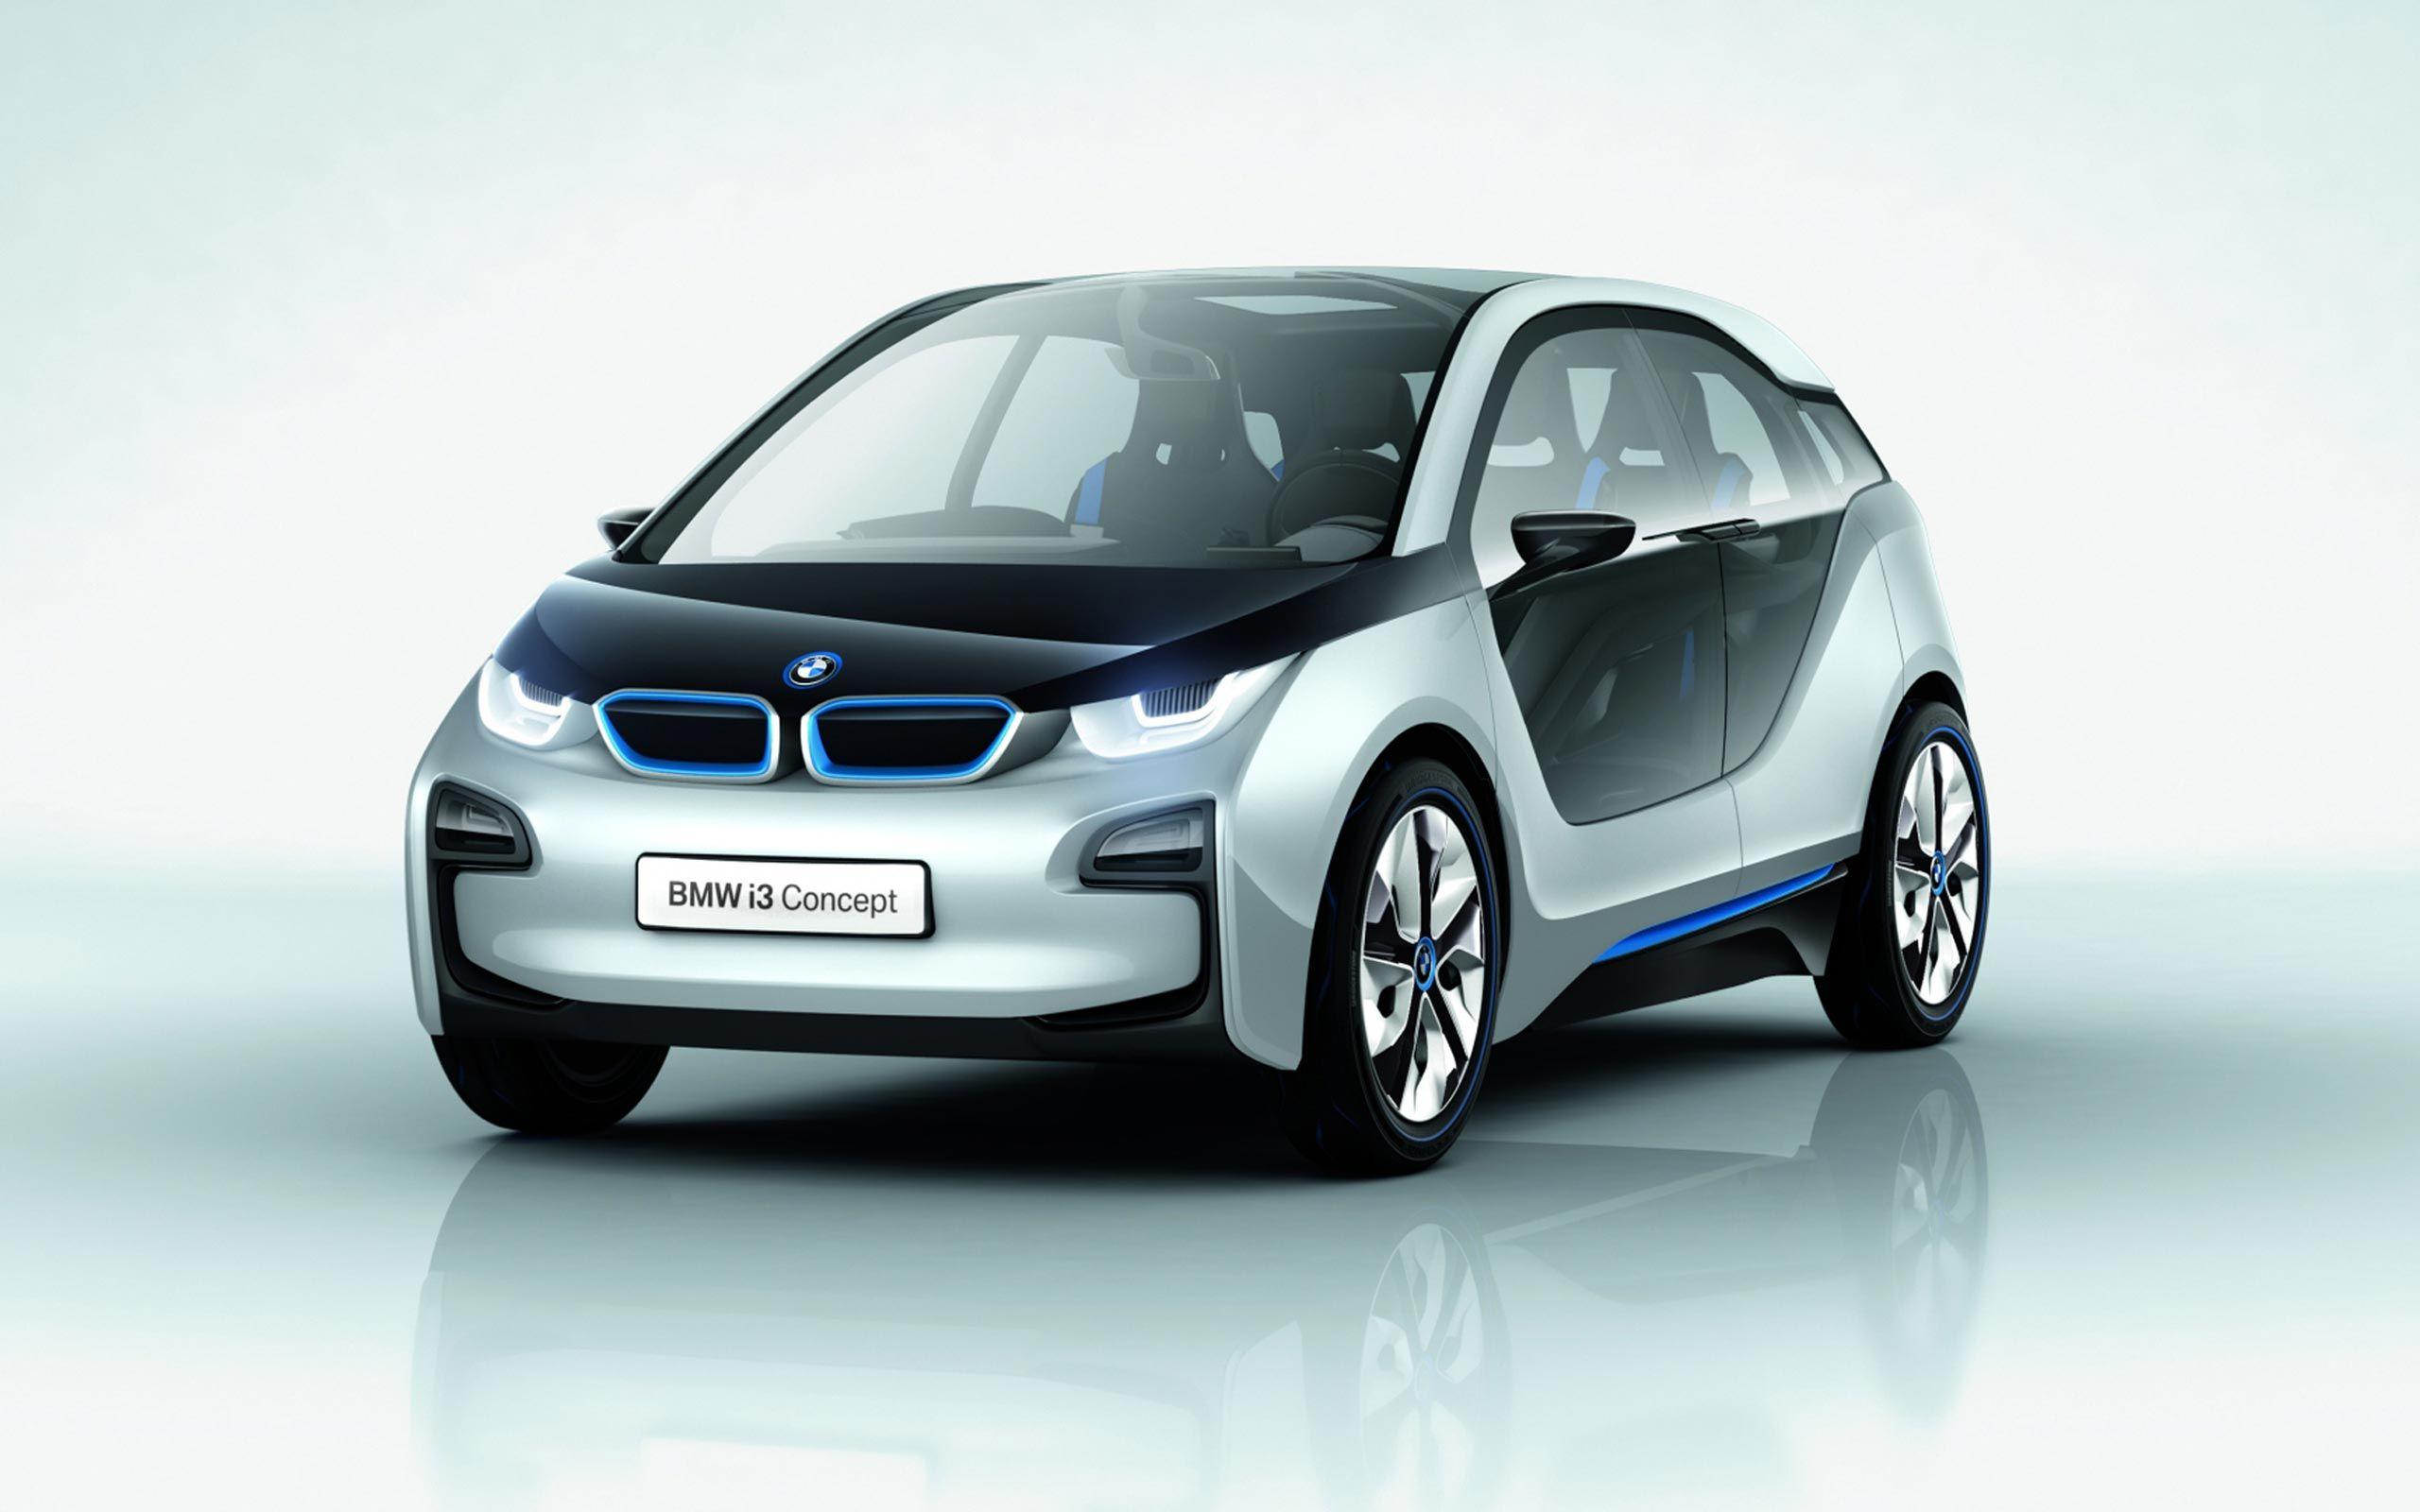 Uno mas eléctrico, menos deportivo pero con un lindo diseño tambien  BMW-i3-concept